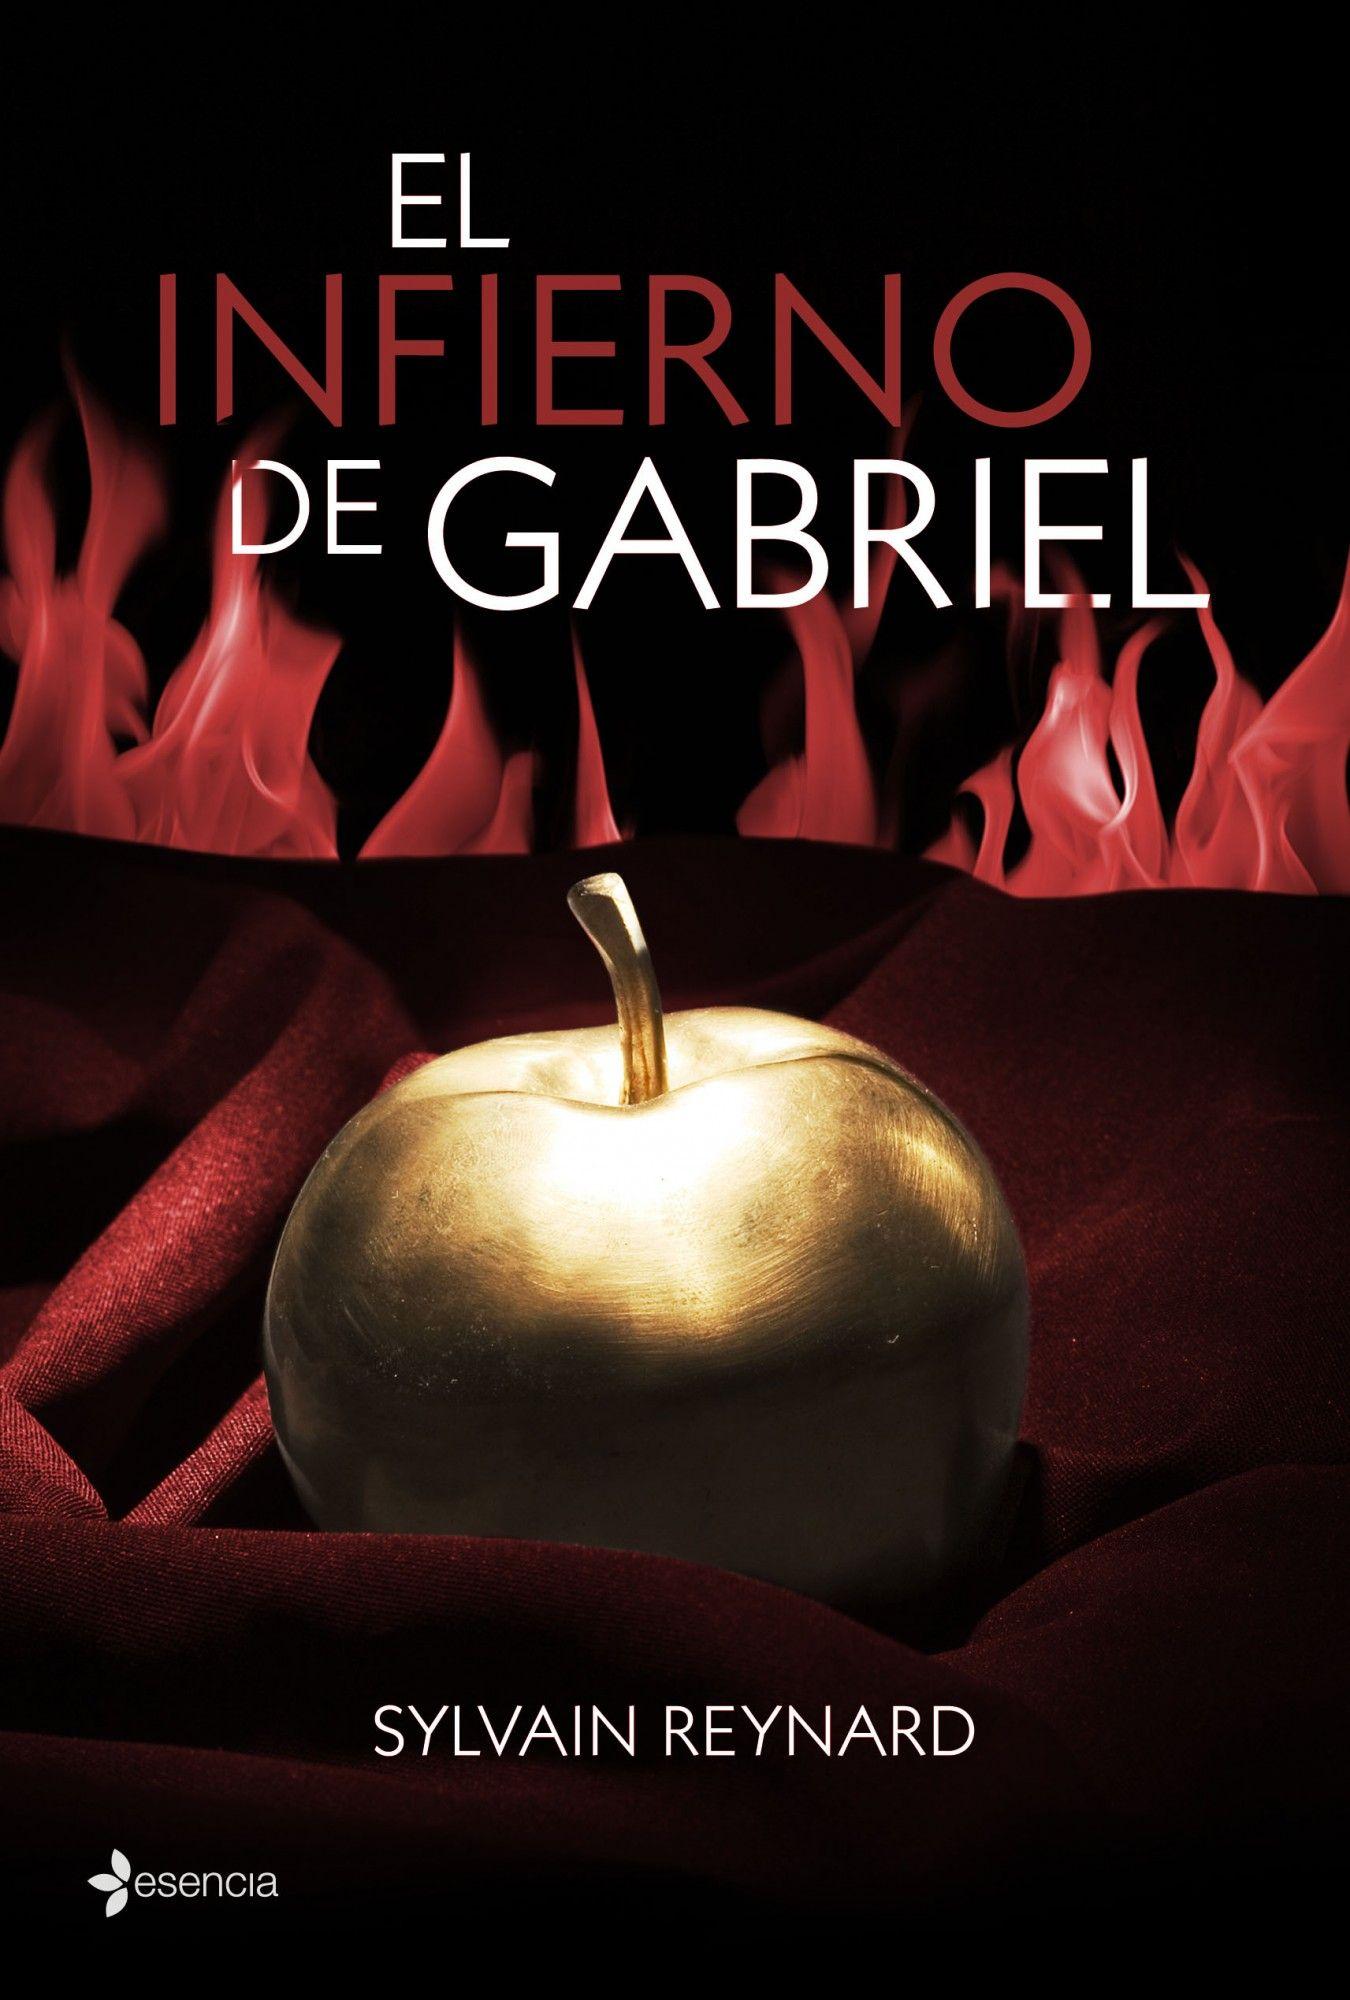 El Infierno de Gabriel- Sylvain Reynard